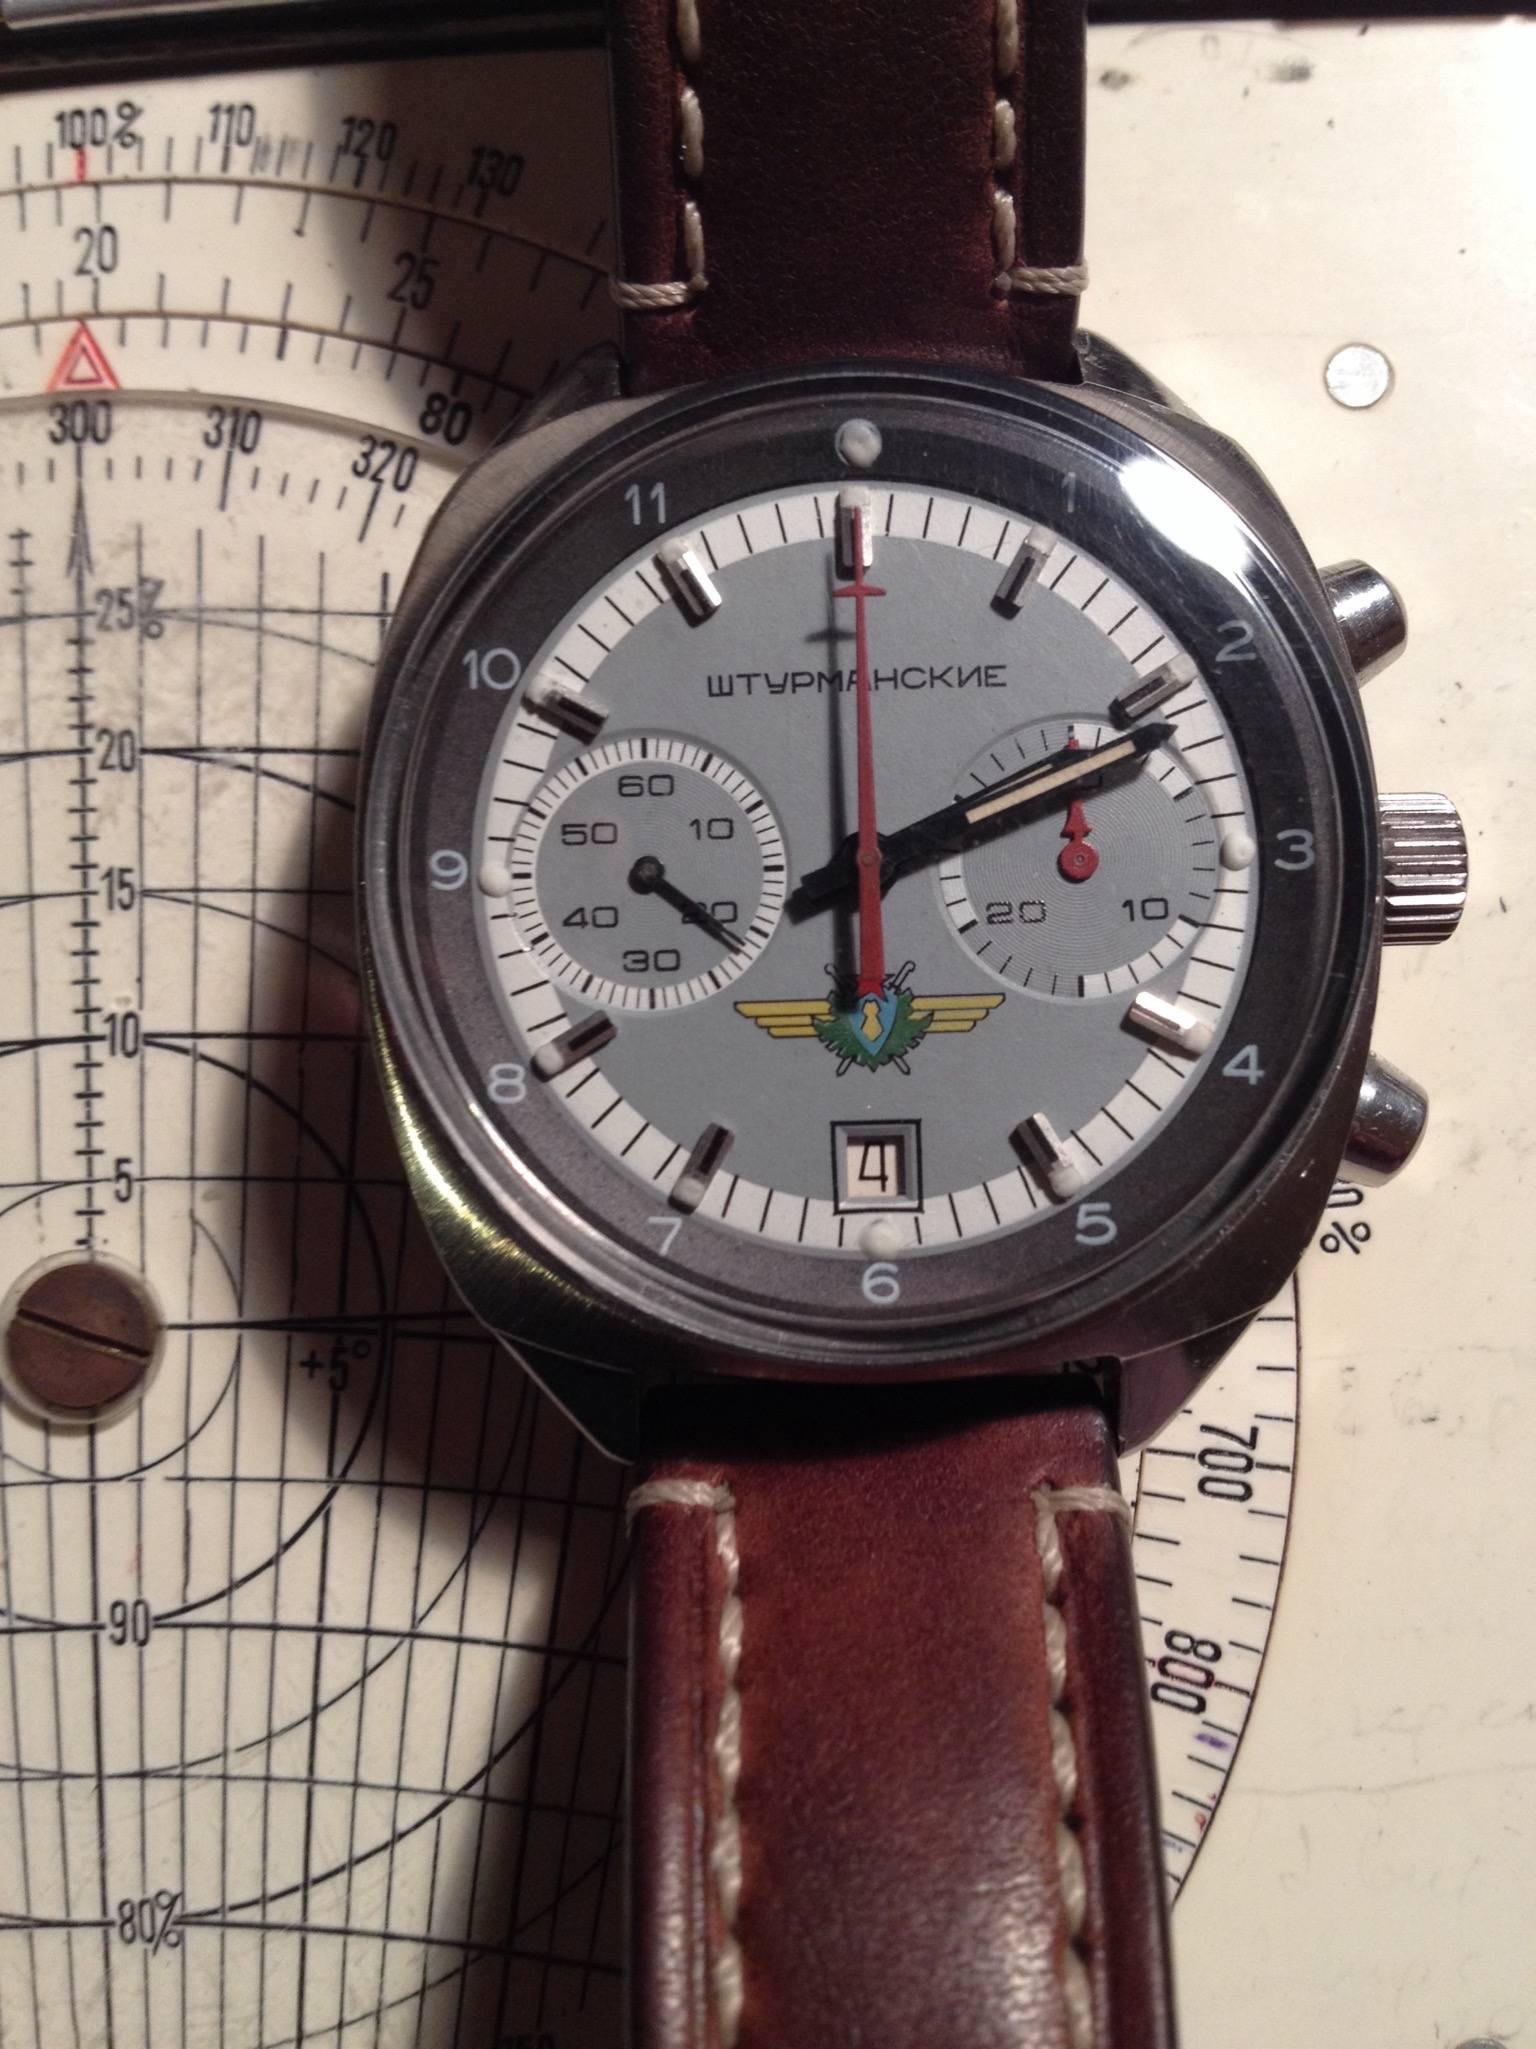 Часы не заводились, износилась кулачковая и заводная муфта, детали заменены.